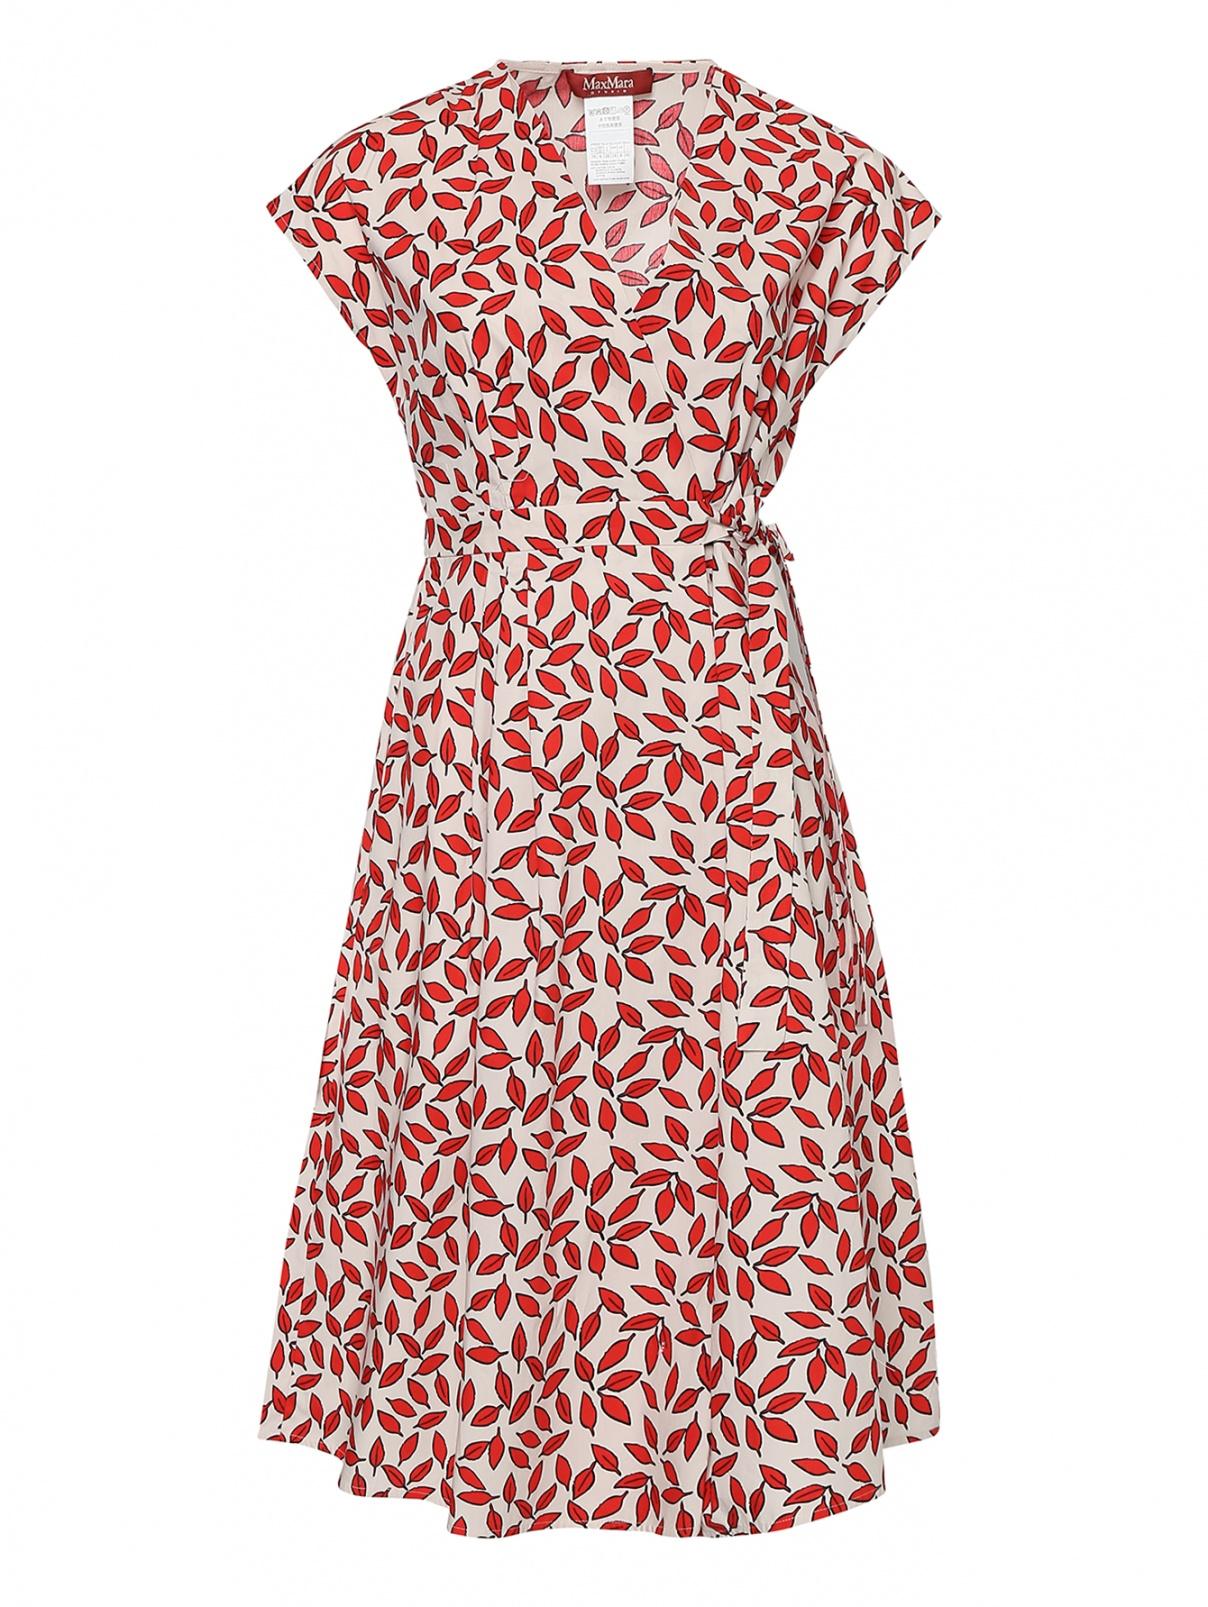 Платье из хлопка, со складками на талии Max Mara  –  Общий вид